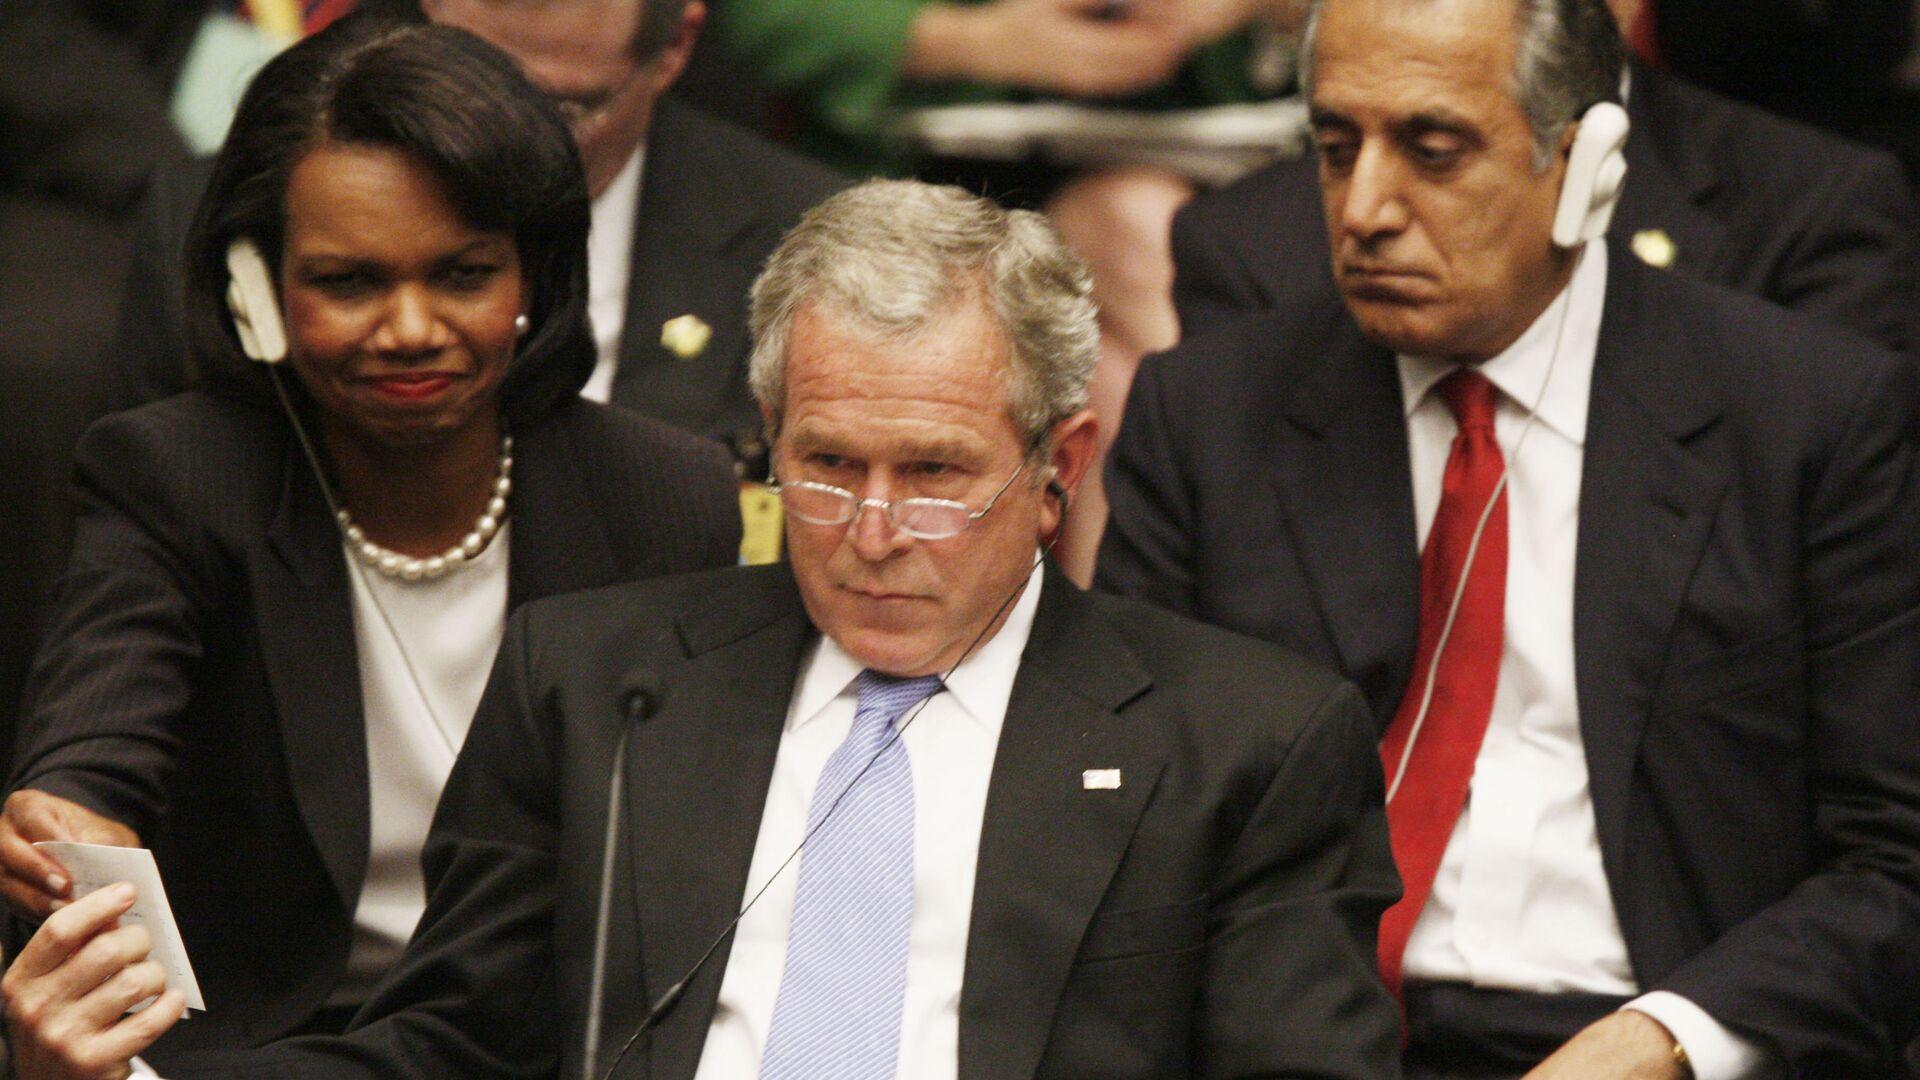 Президент США Джордж Буш показывает записку государственному секретарю Кондолизе Райс на саммите ООН в Нью-Йорке. 2005 год - Sputnik Тоҷикистон, 1920, 23.09.2021